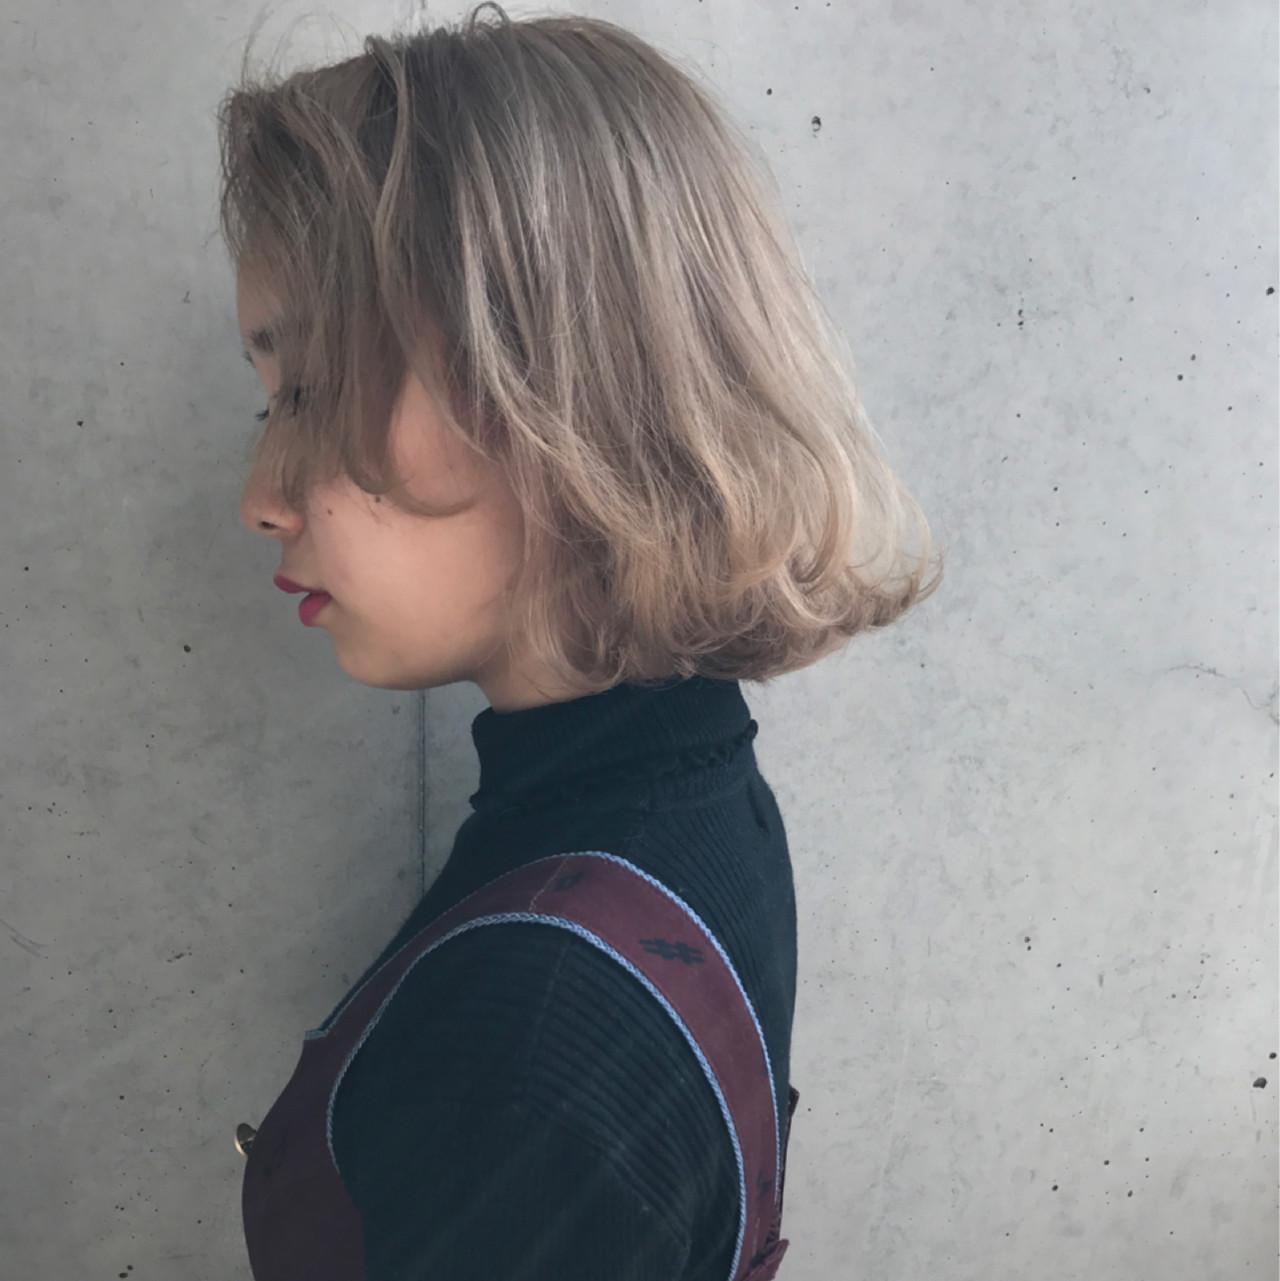 透明感 ハイトーン ベージュ ボブ ヘアスタイルや髪型の写真・画像